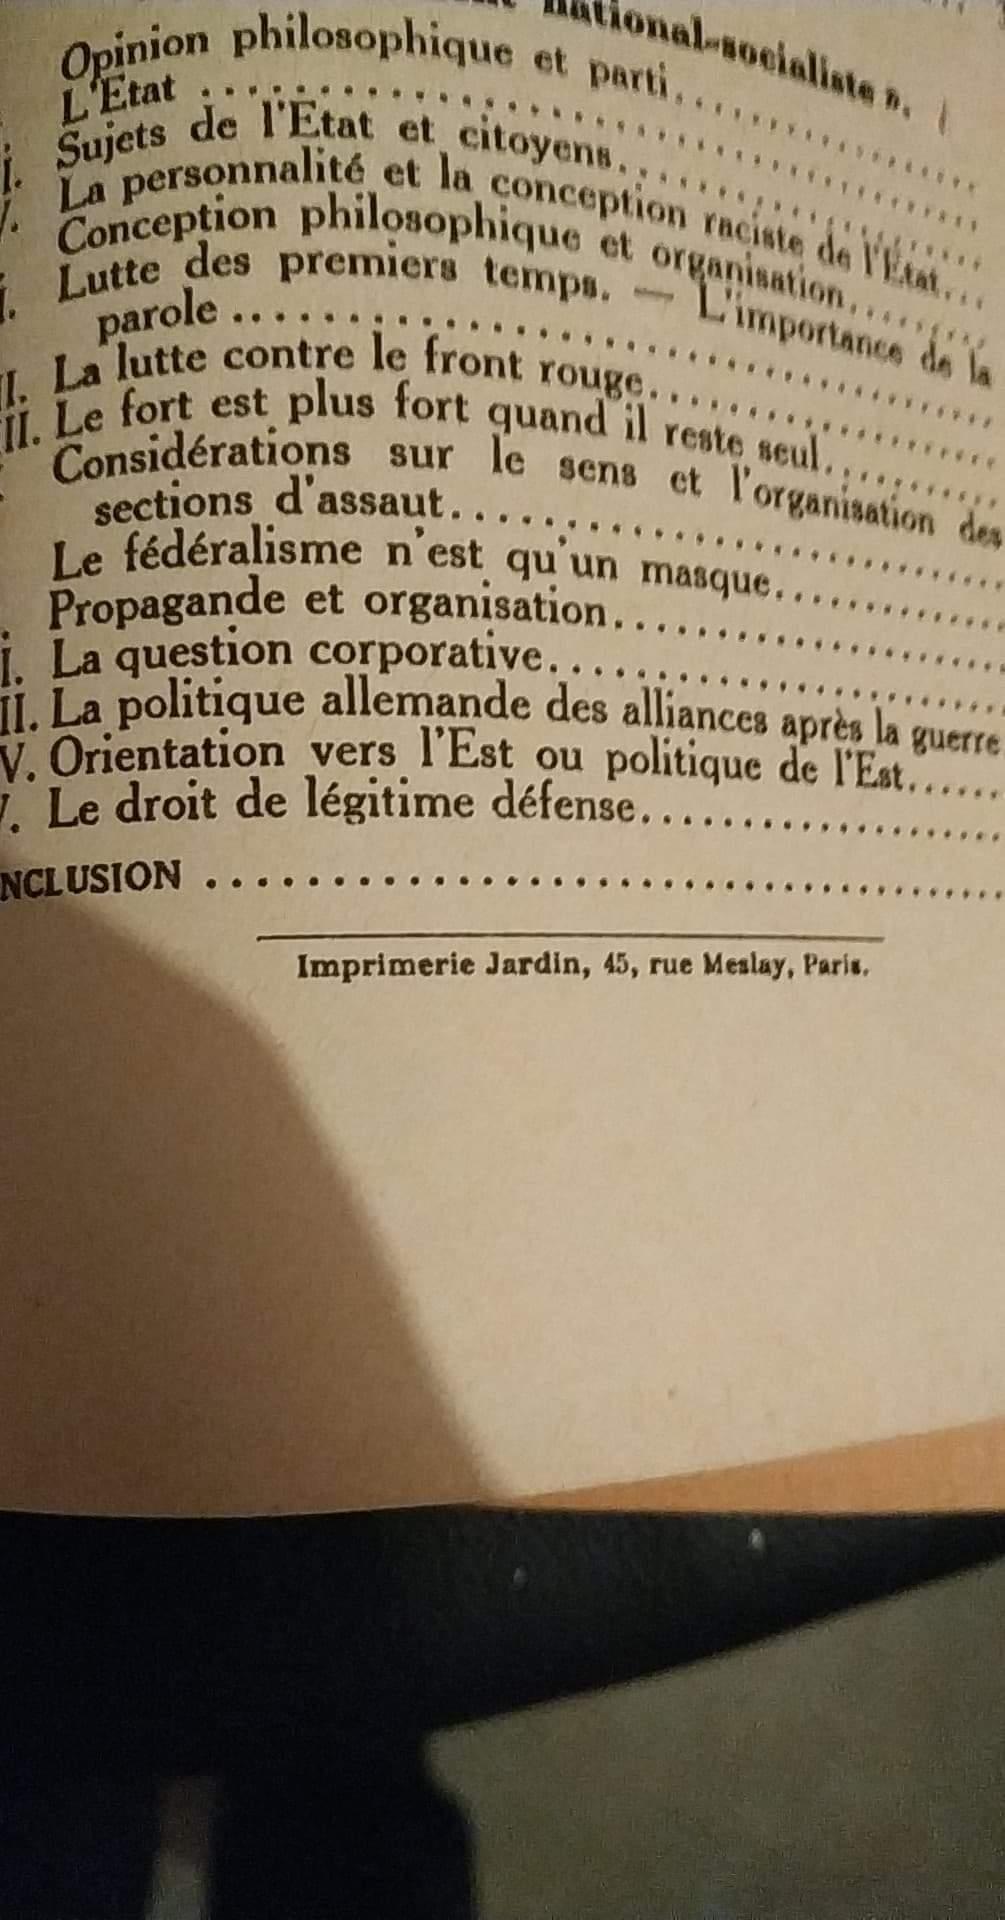 Mein kampf edition latine 1934 réservé aux collaborateurs Receiv10